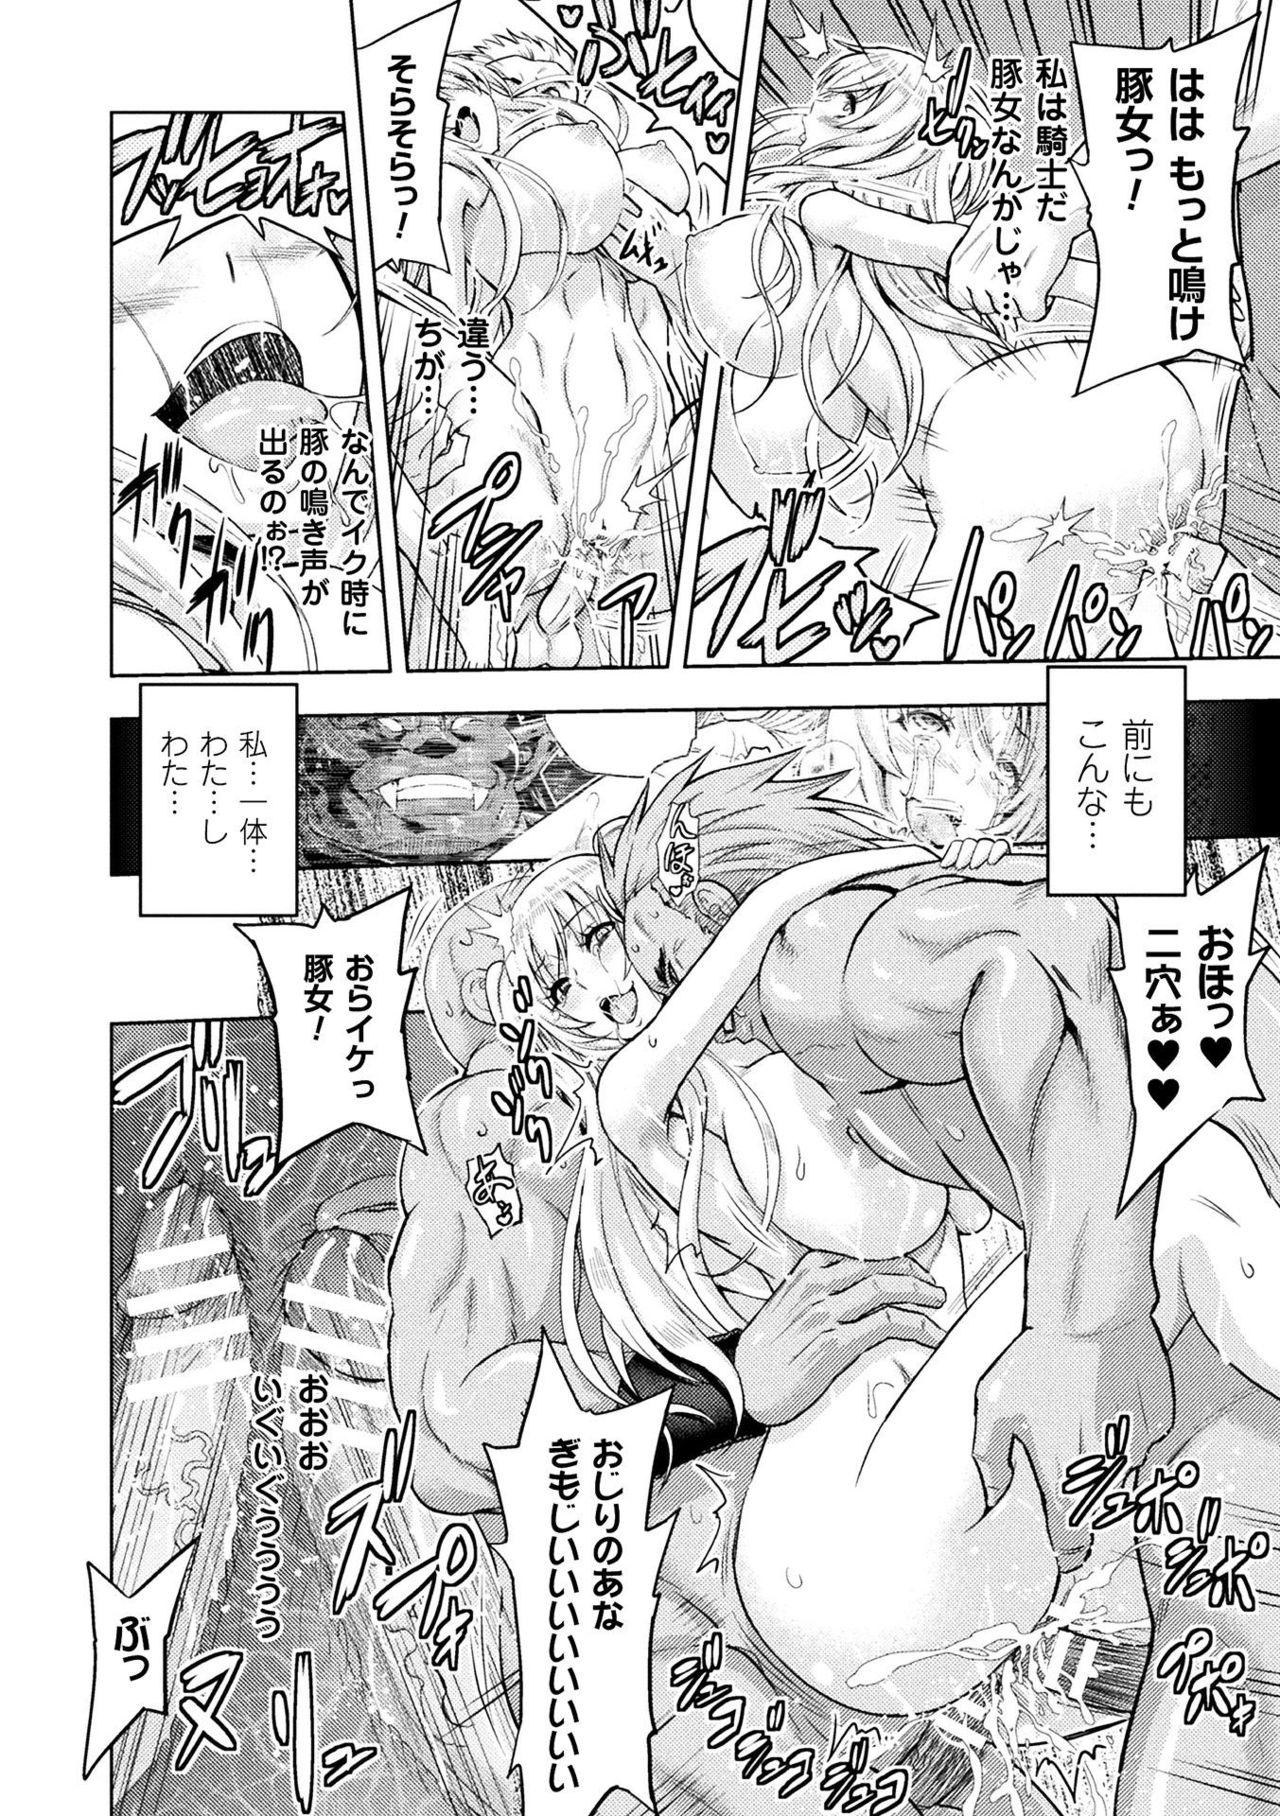 ERONA Orc no Inmon ni Okasareta Onna Kishi no Matsuro 149